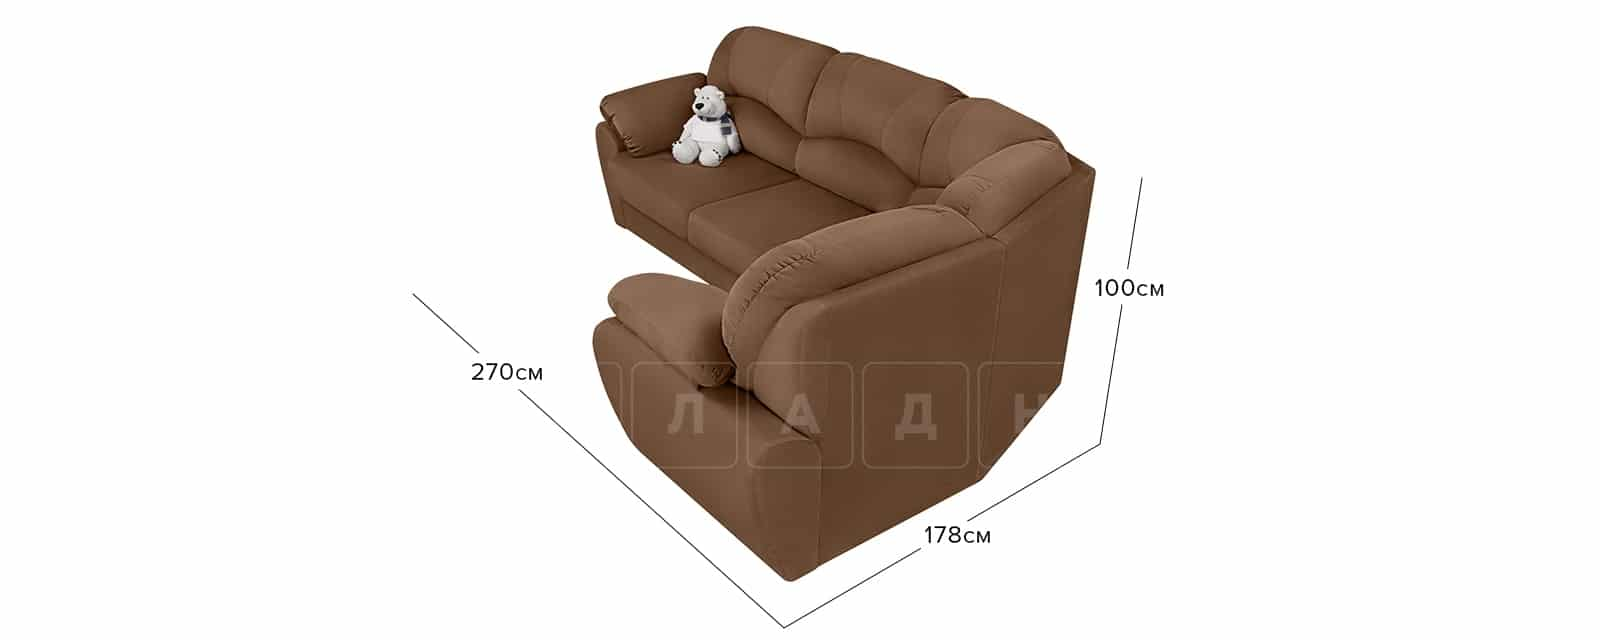 Угловой диван Эвита велюр коричневый правый угол фото 7 | интернет-магазин Складно